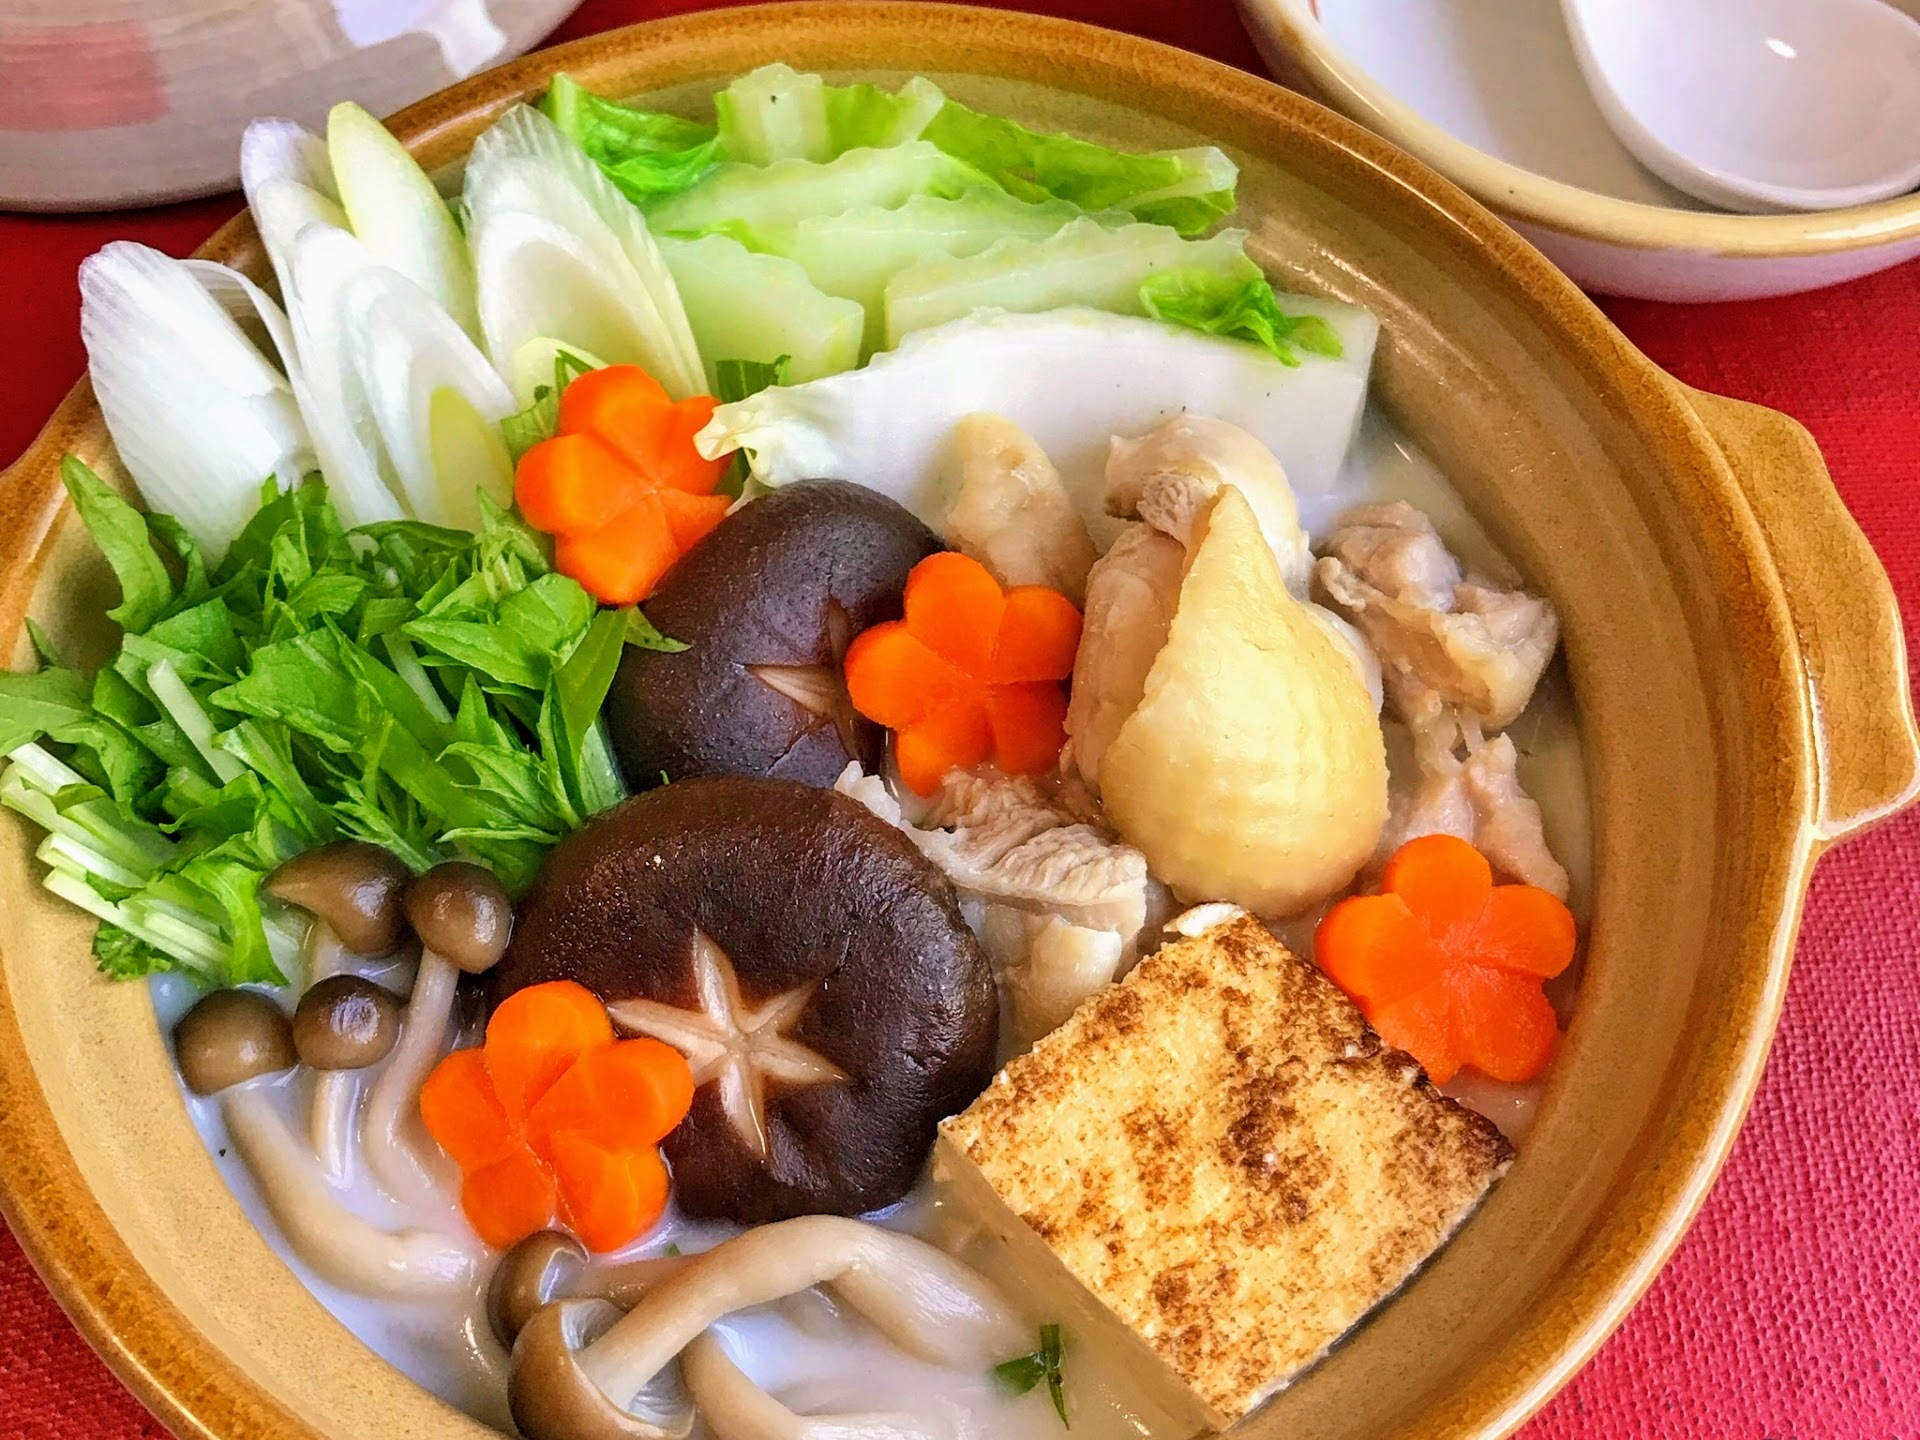 1月が旬の野菜13選!1月が食べ頃の食材と美味しい食べ方をご紹介!